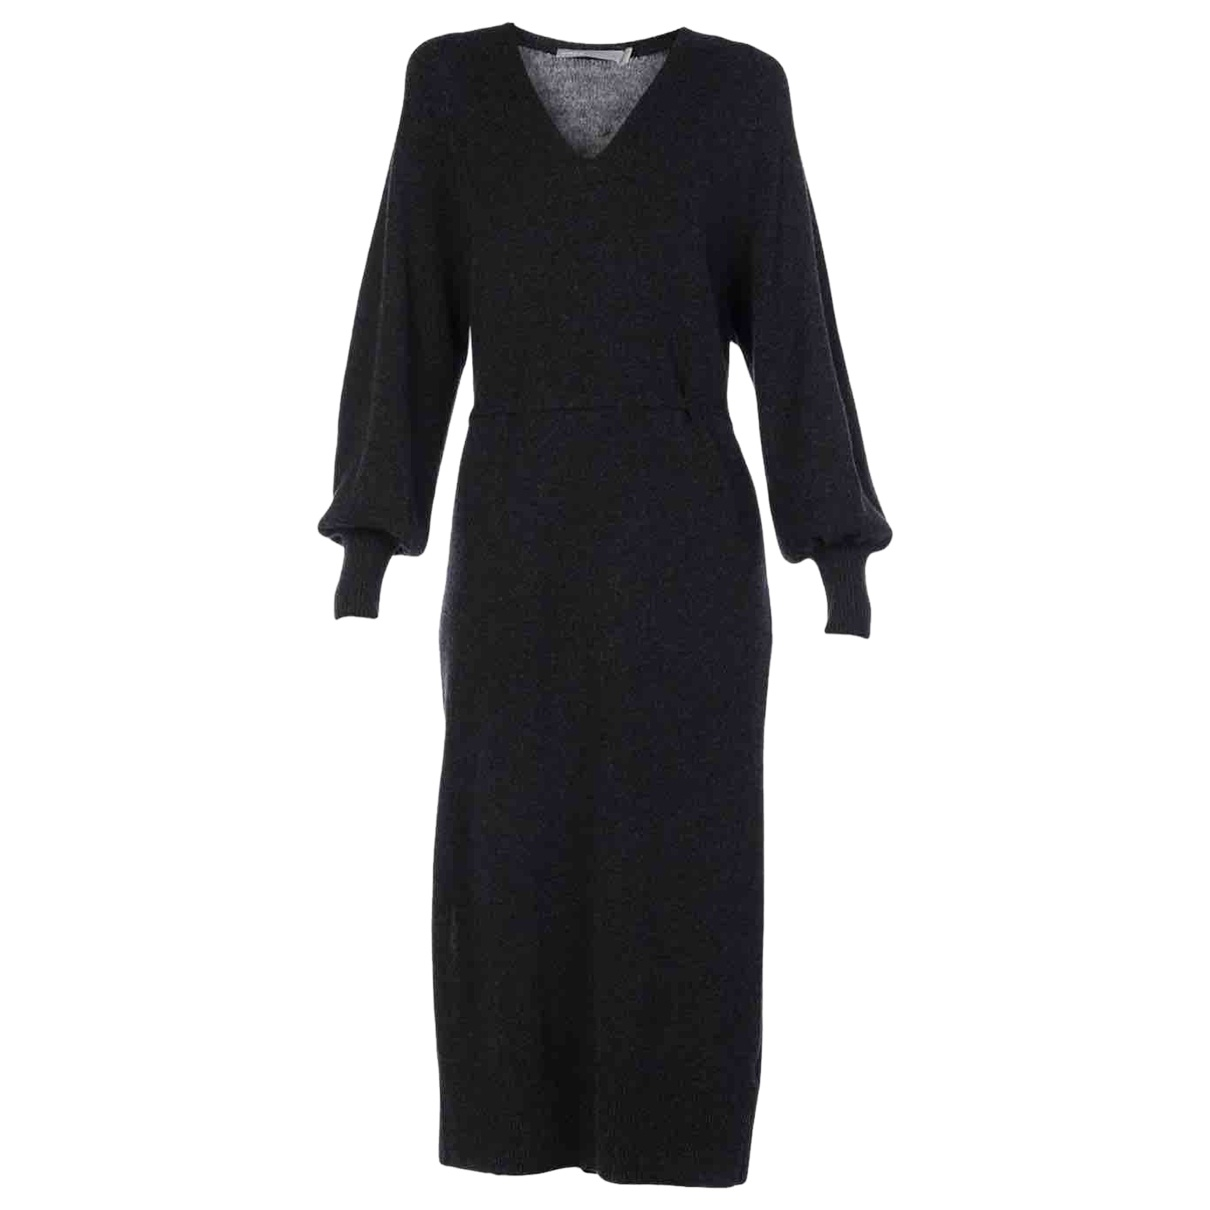 Vince \N Kleid in  Grau Kaschmir